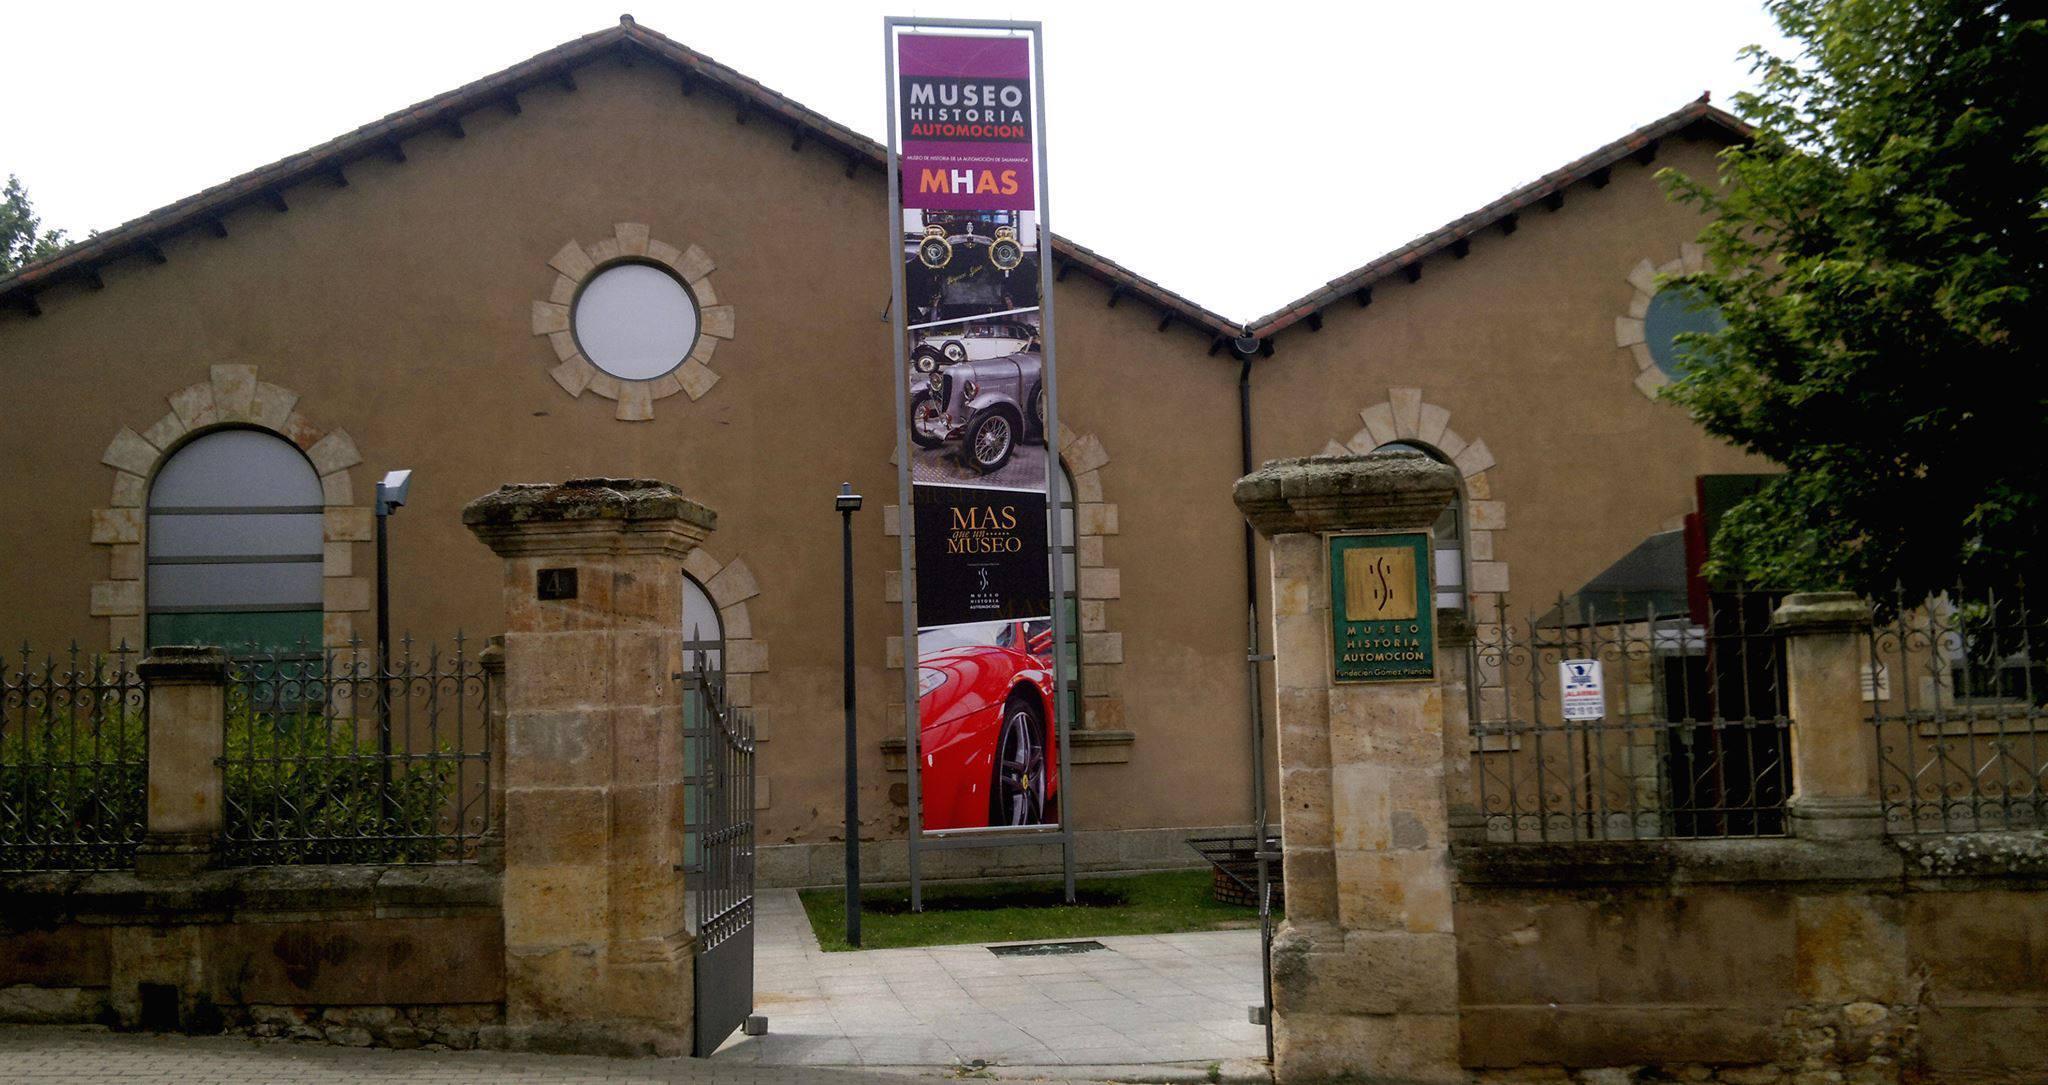 Descubre el Museo de la Historia de la Automocin